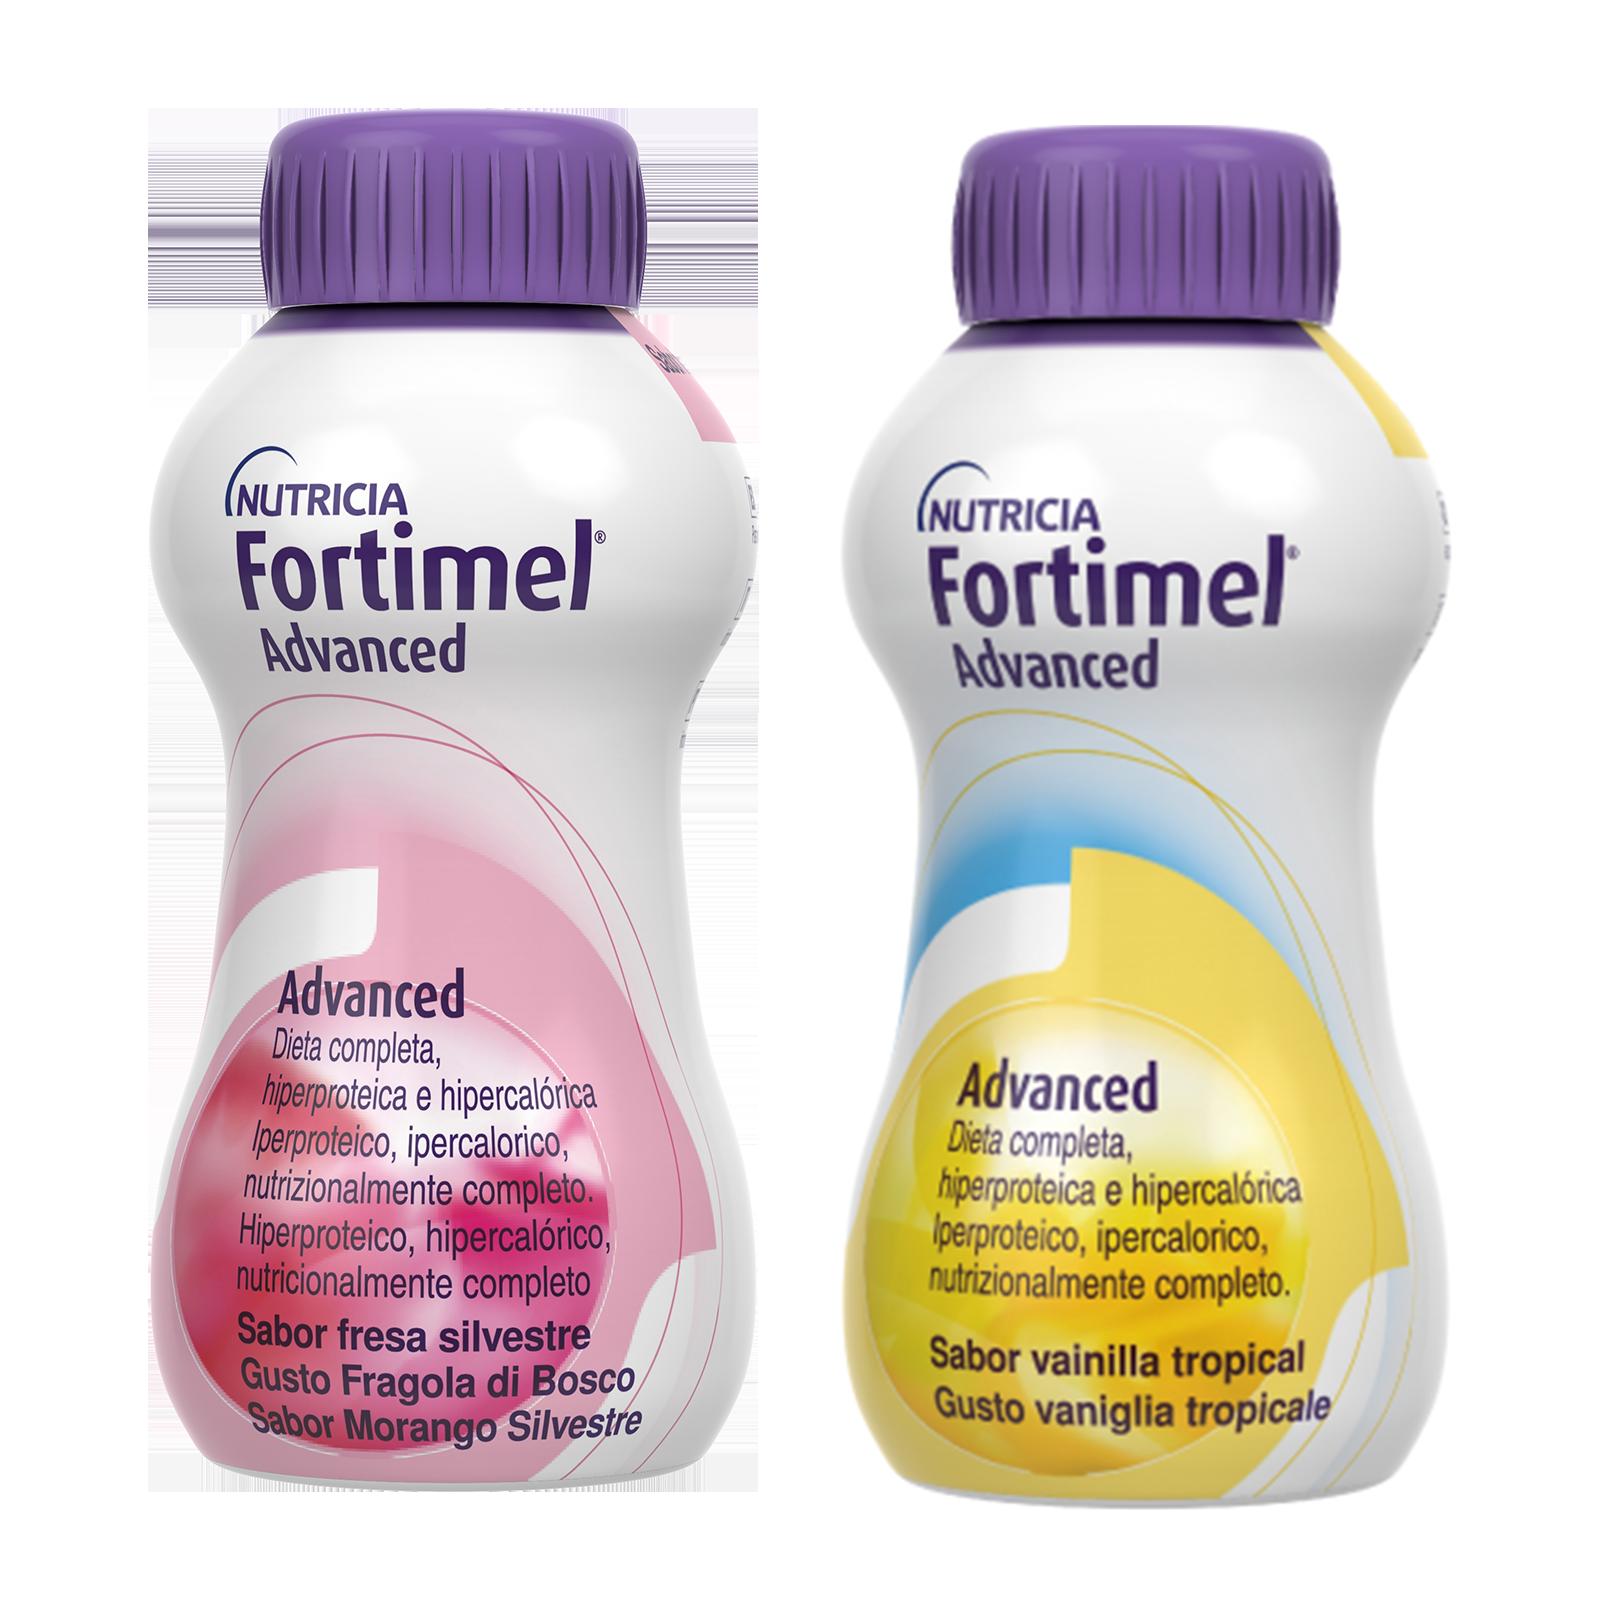 Integratori alimentari - Fortimel Advanced Fragola di bosco e Vaniglia tropicale 8 bottigliette, Fortimel